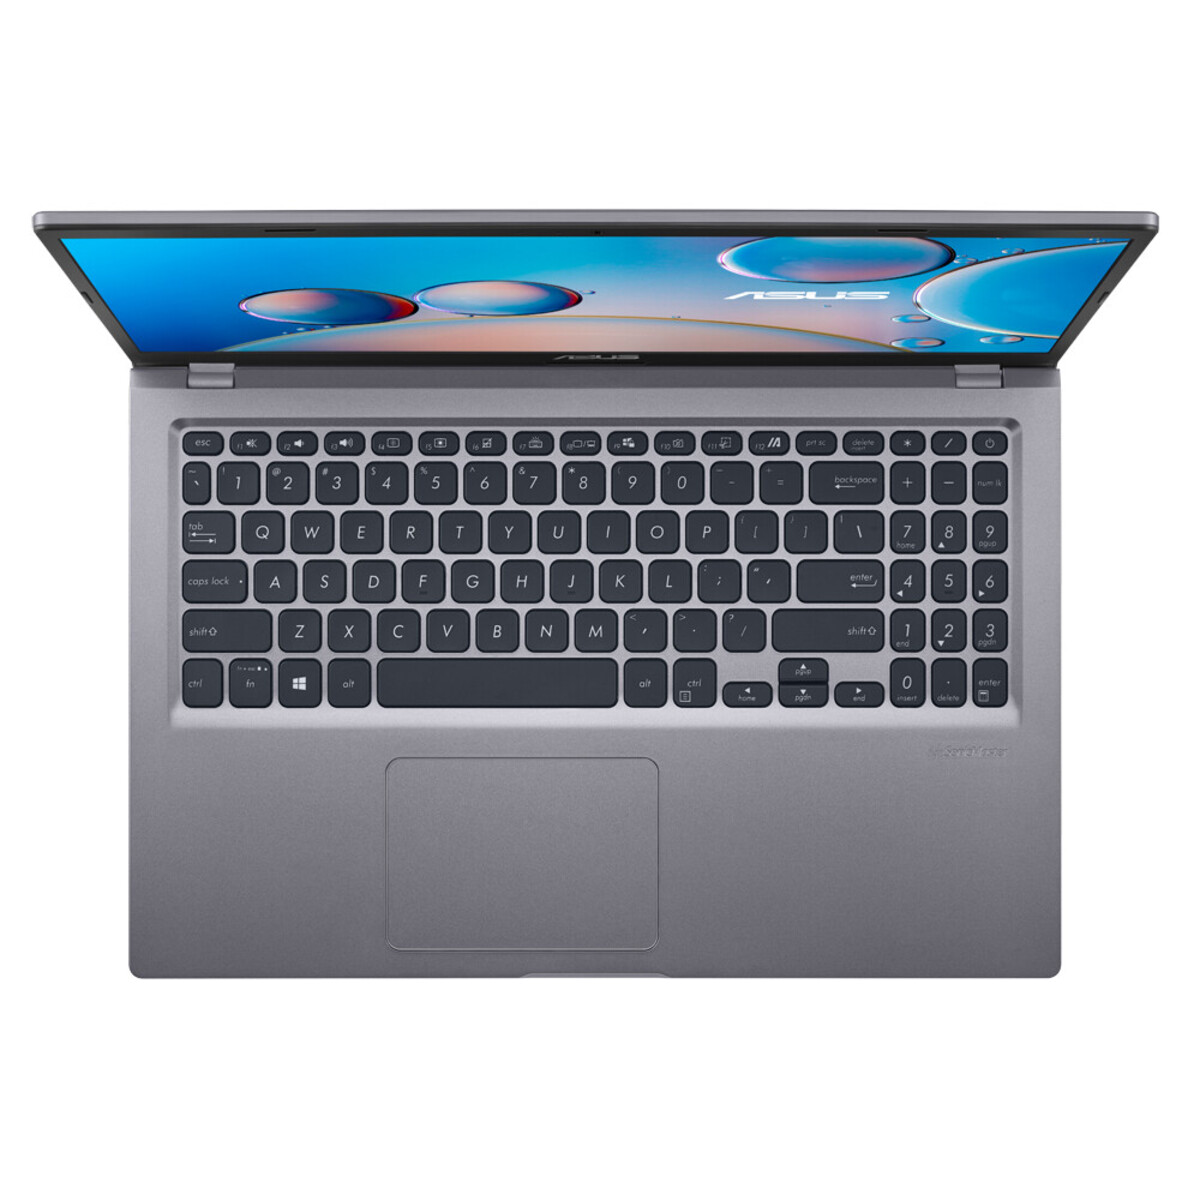 Bild 3 von ASUS VivoBook 15 F515JP-EJ142T Slate Grey Notebook (15,6 Zoll Full-HD matt, Core i5-1035G1, 8 GB RAM, 512 GB SSD, NVIDIA GeForce MX330, grau)